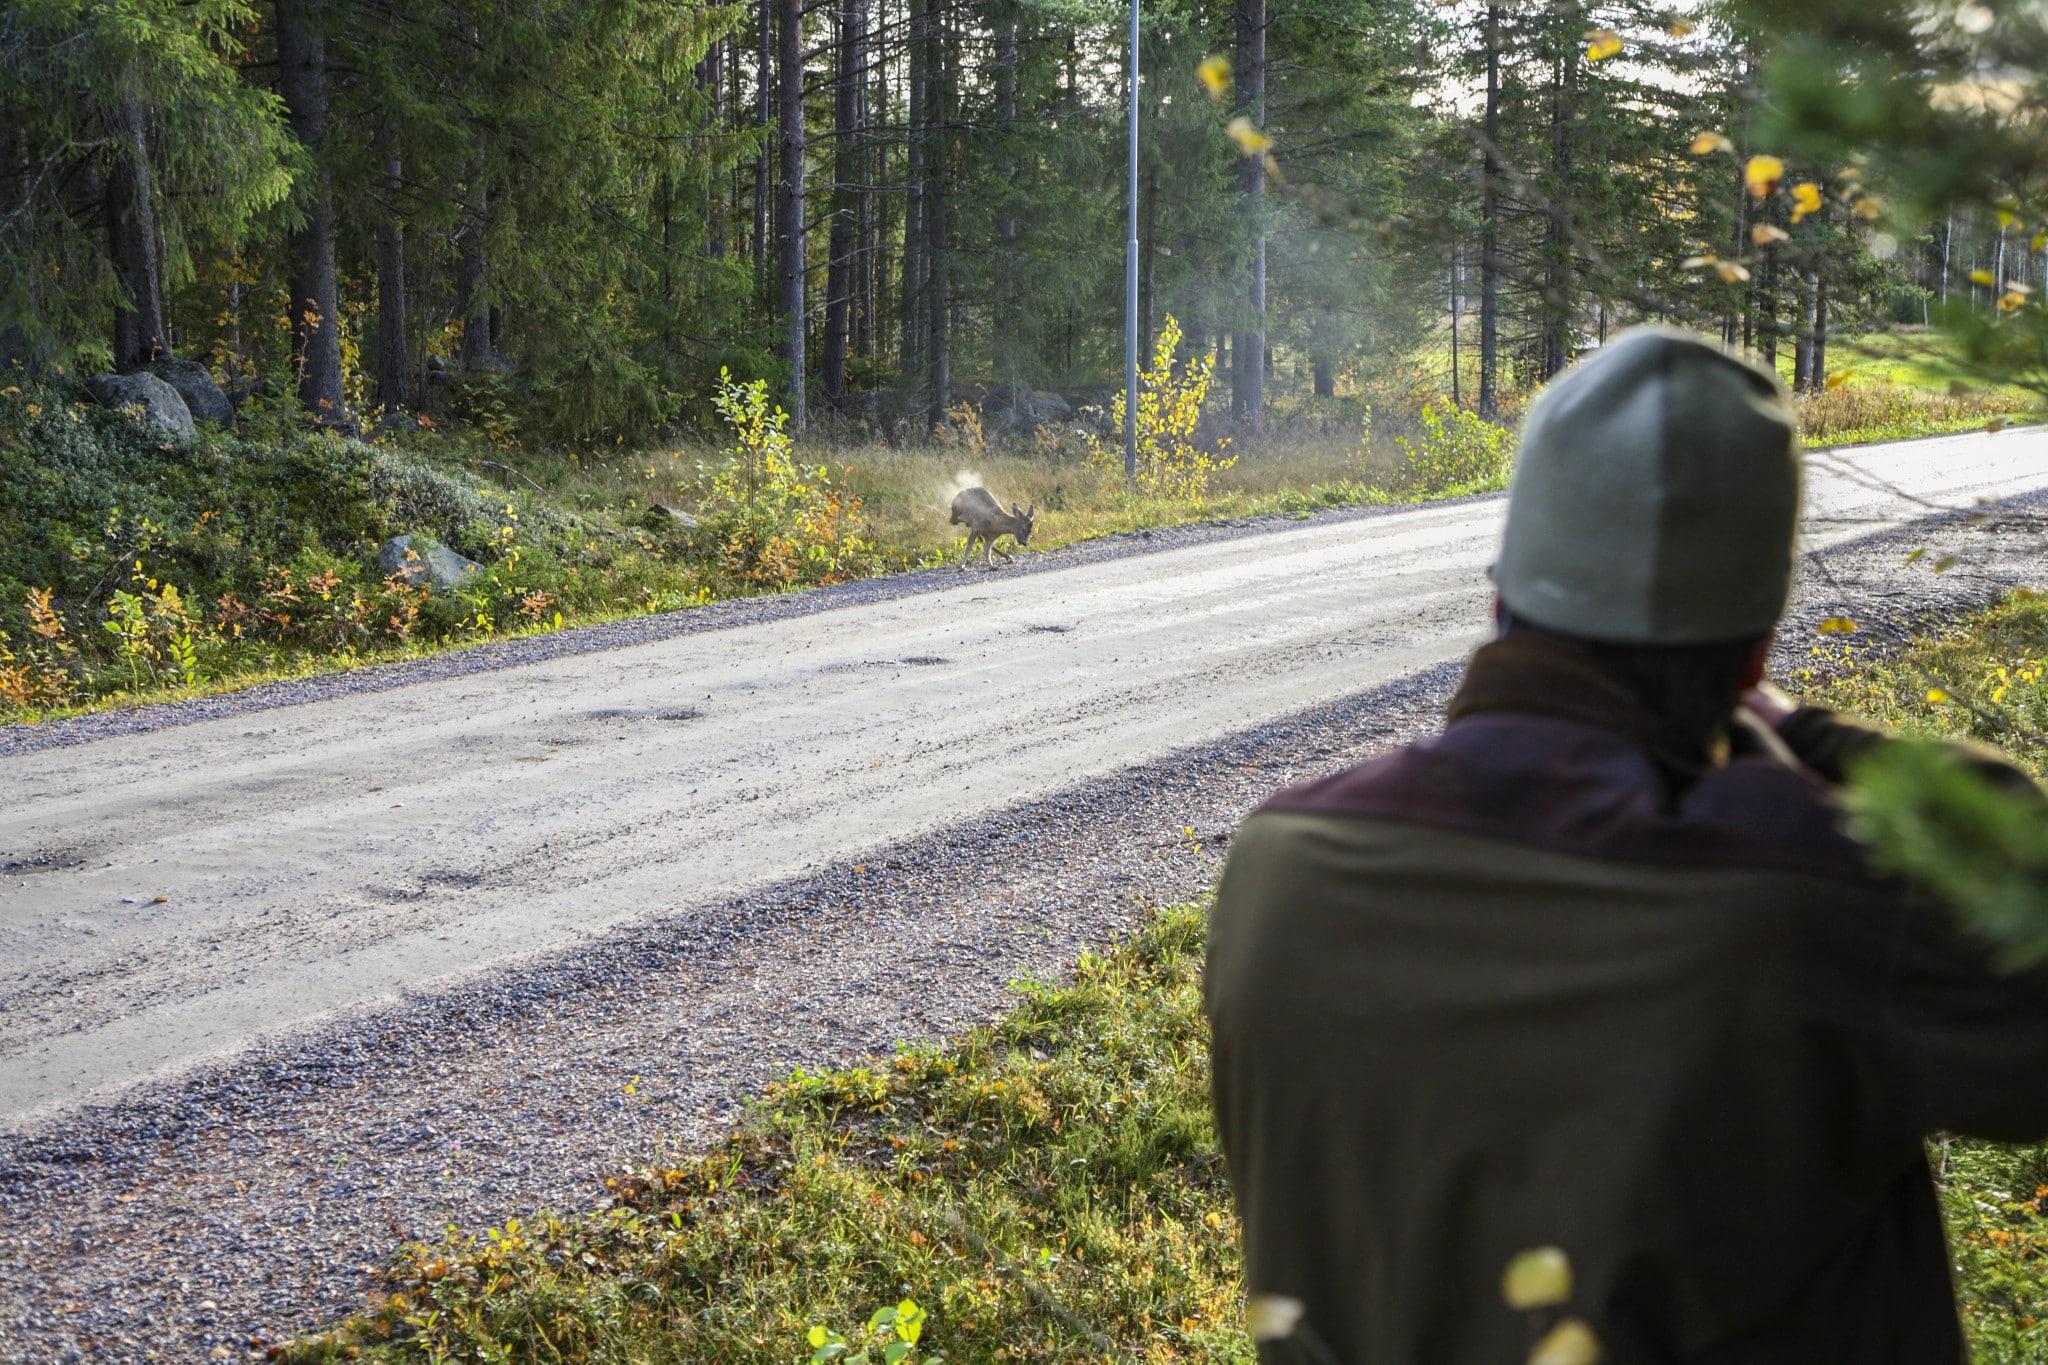 Det är inte nödvändigt att skjuta tunga laddningar bara för att man jagar rådjur. På rimliga skotthåll är hagelskottet effektivt ändå.